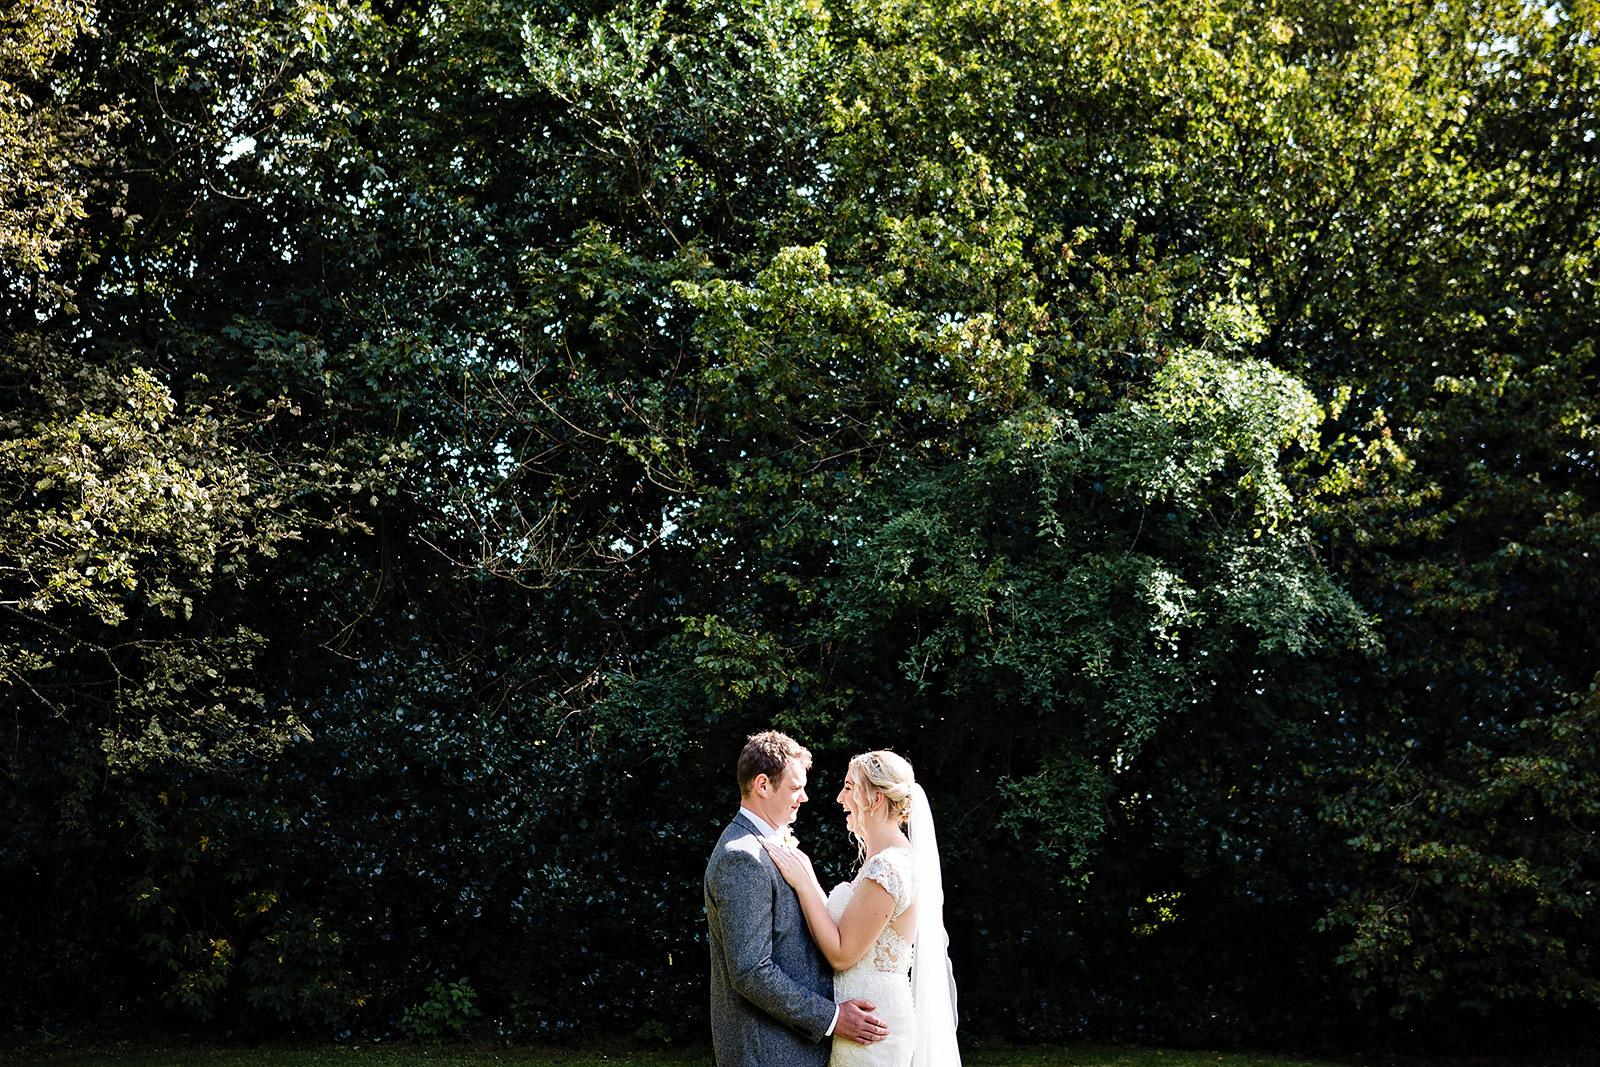 Dunwood Hall Wedding Photography of bride and groom